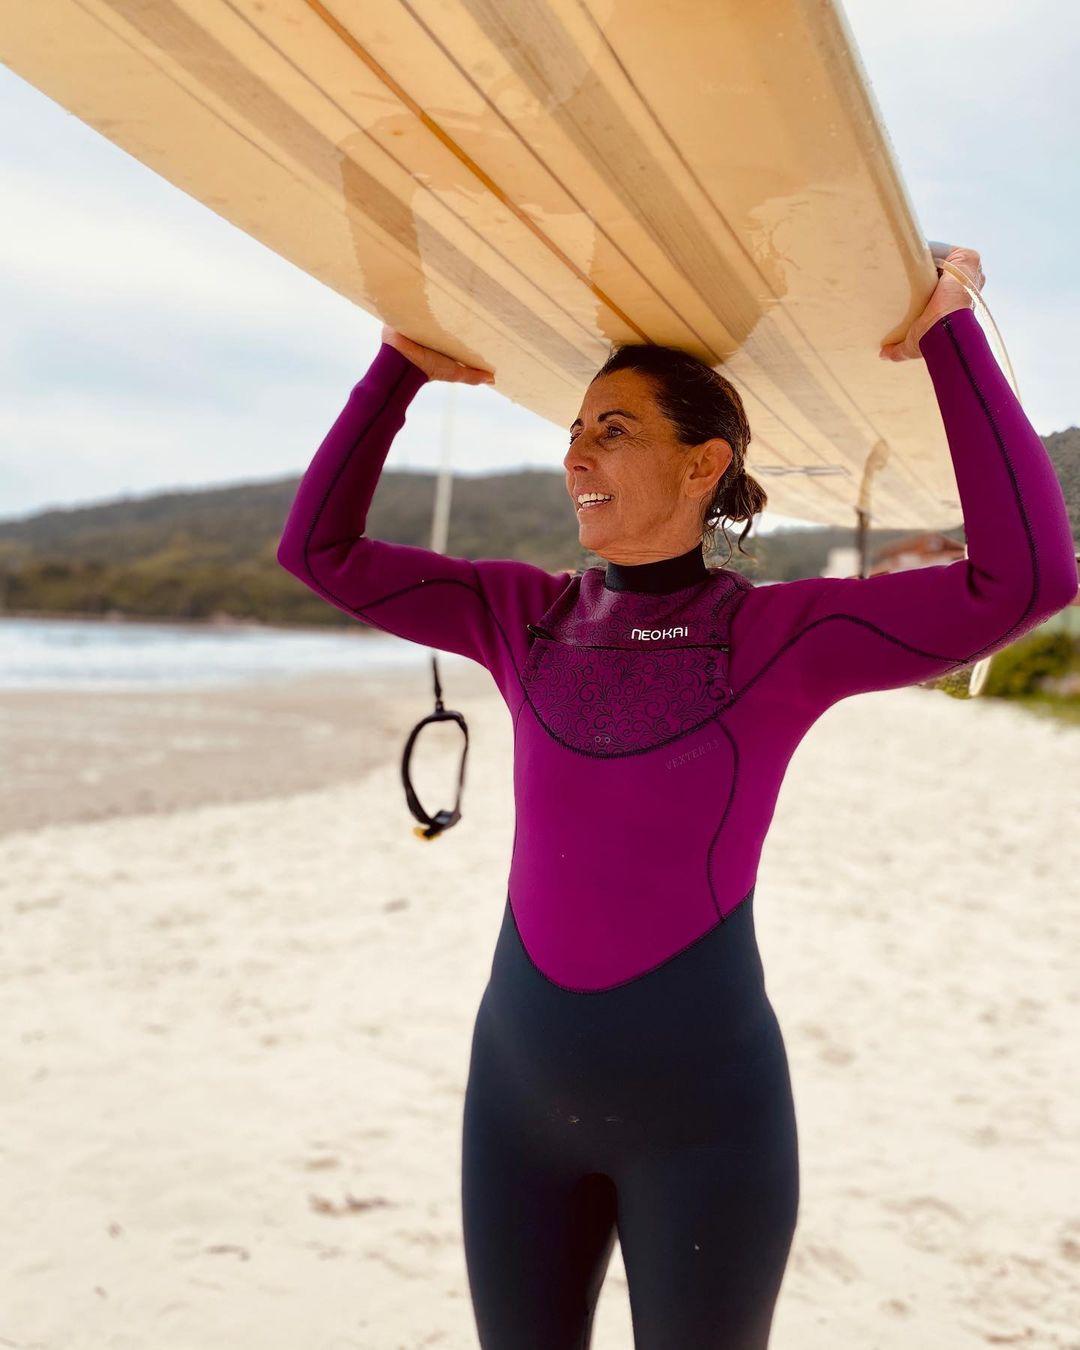 valeria surf de bem